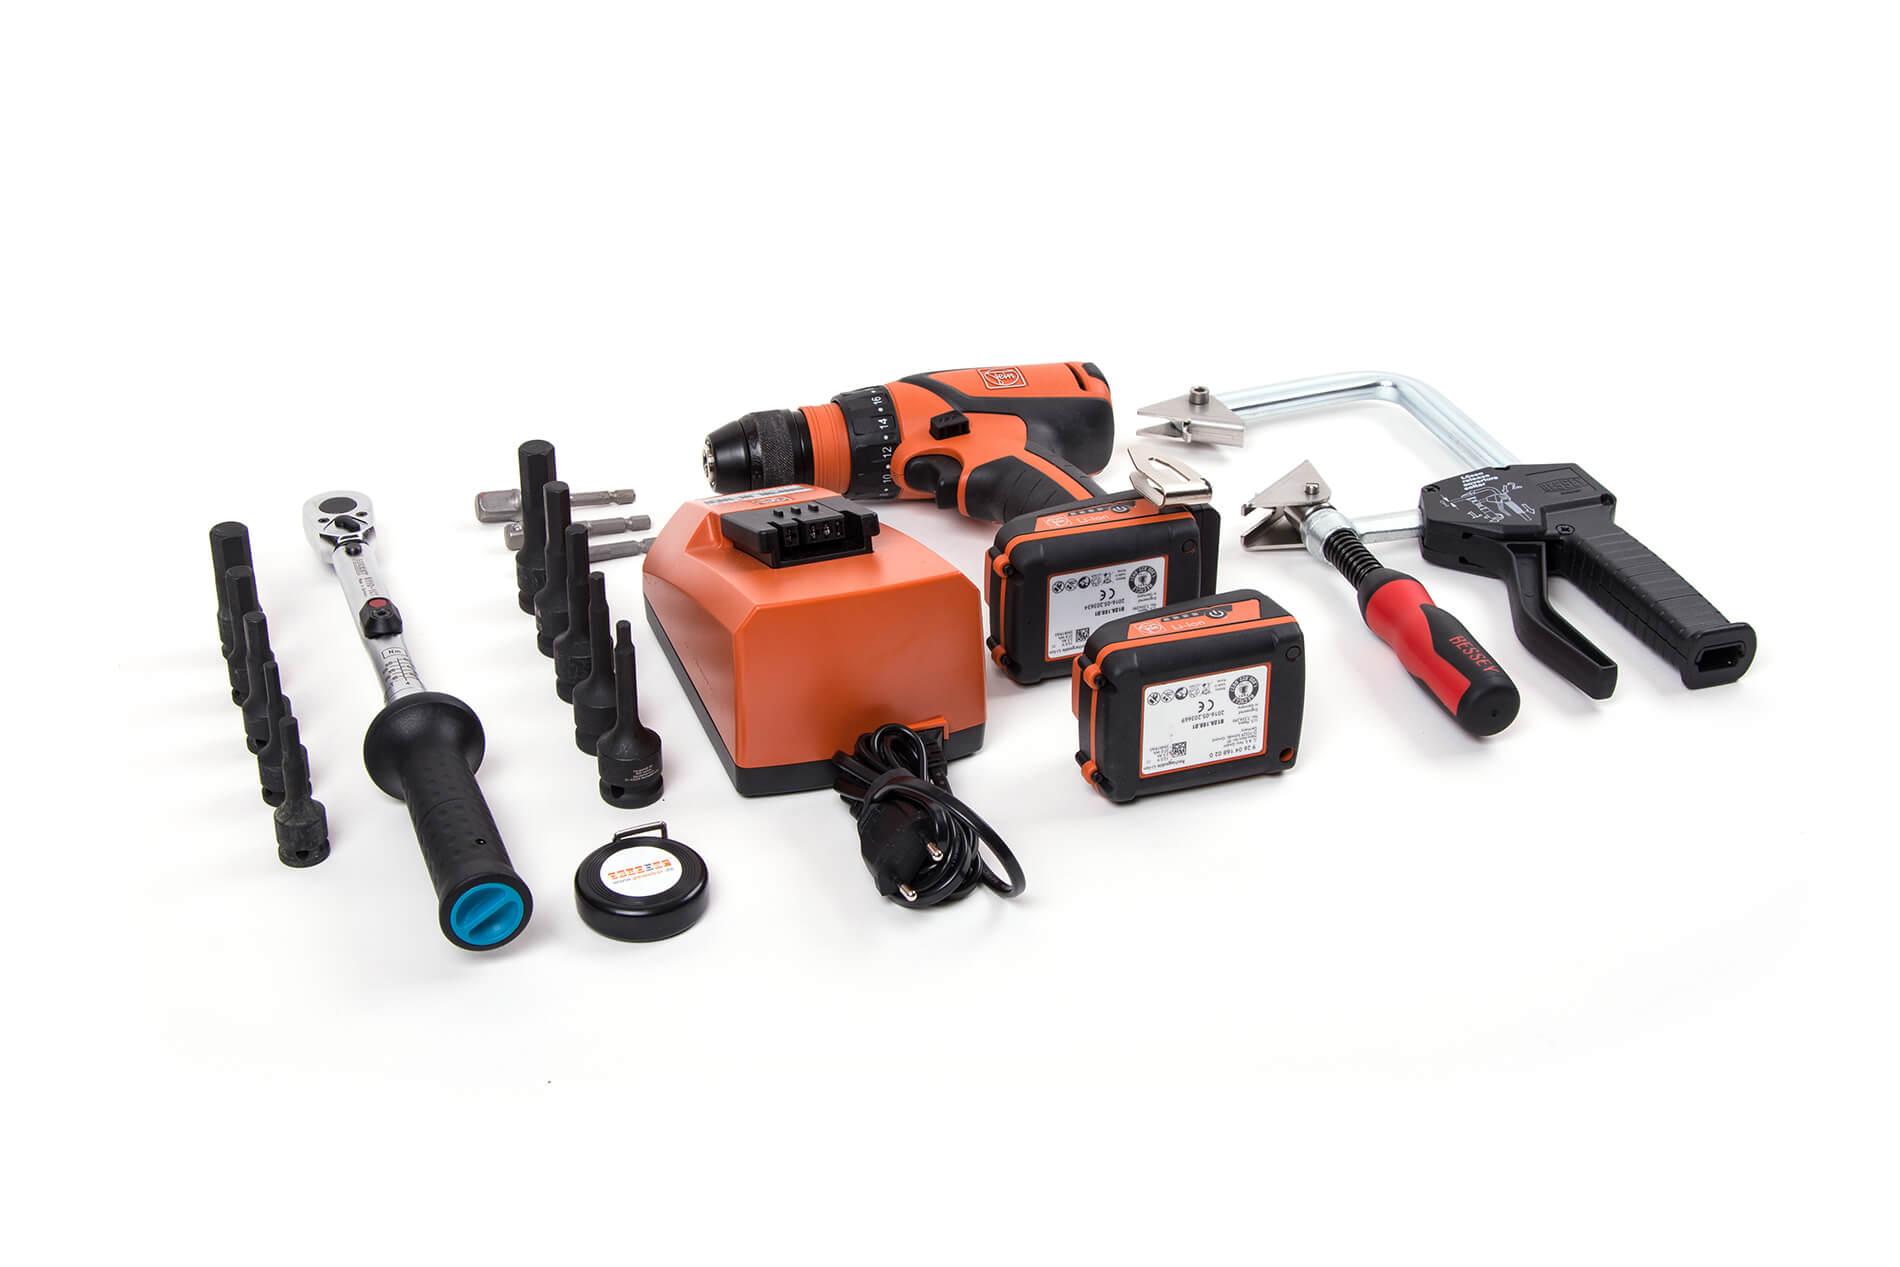 Produkte der Marke Tool sets